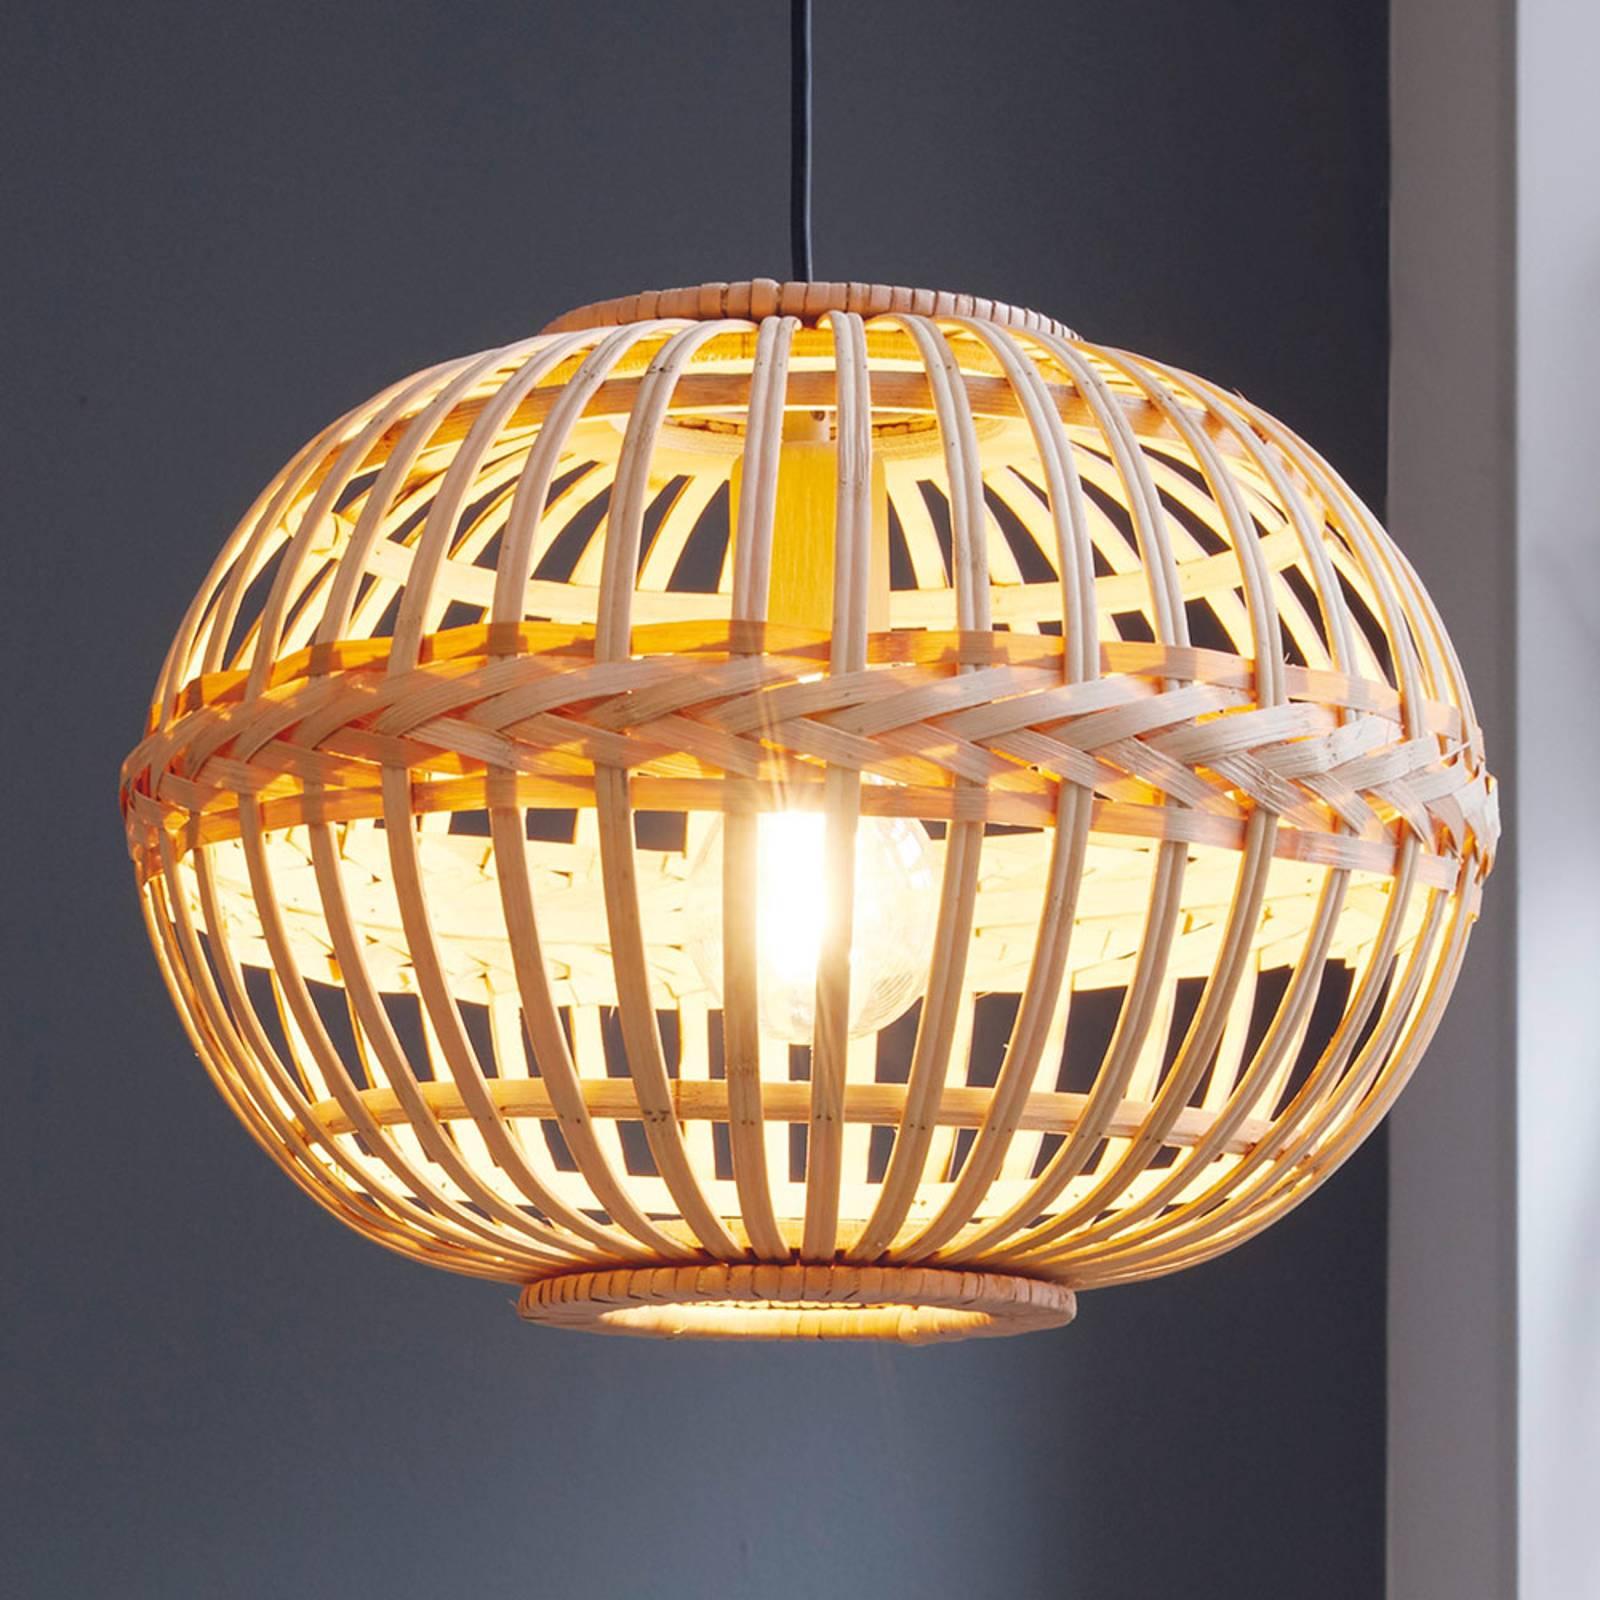 Lampa wisząca Amsfield z bambusa, owalny kształt